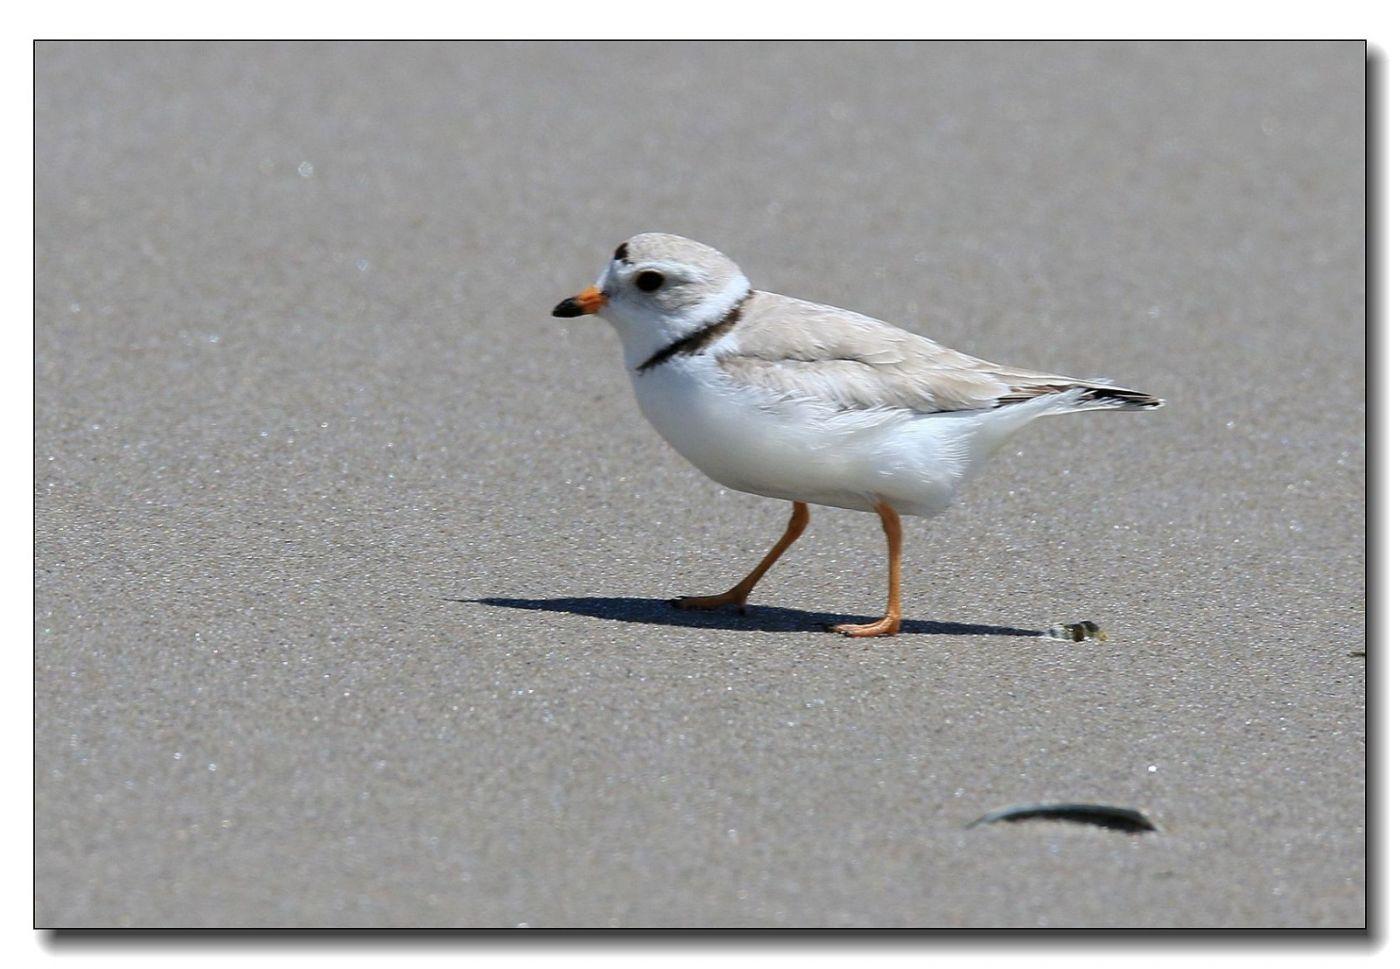 洛克威海滩拍鸟—环颈鸻_图1-5